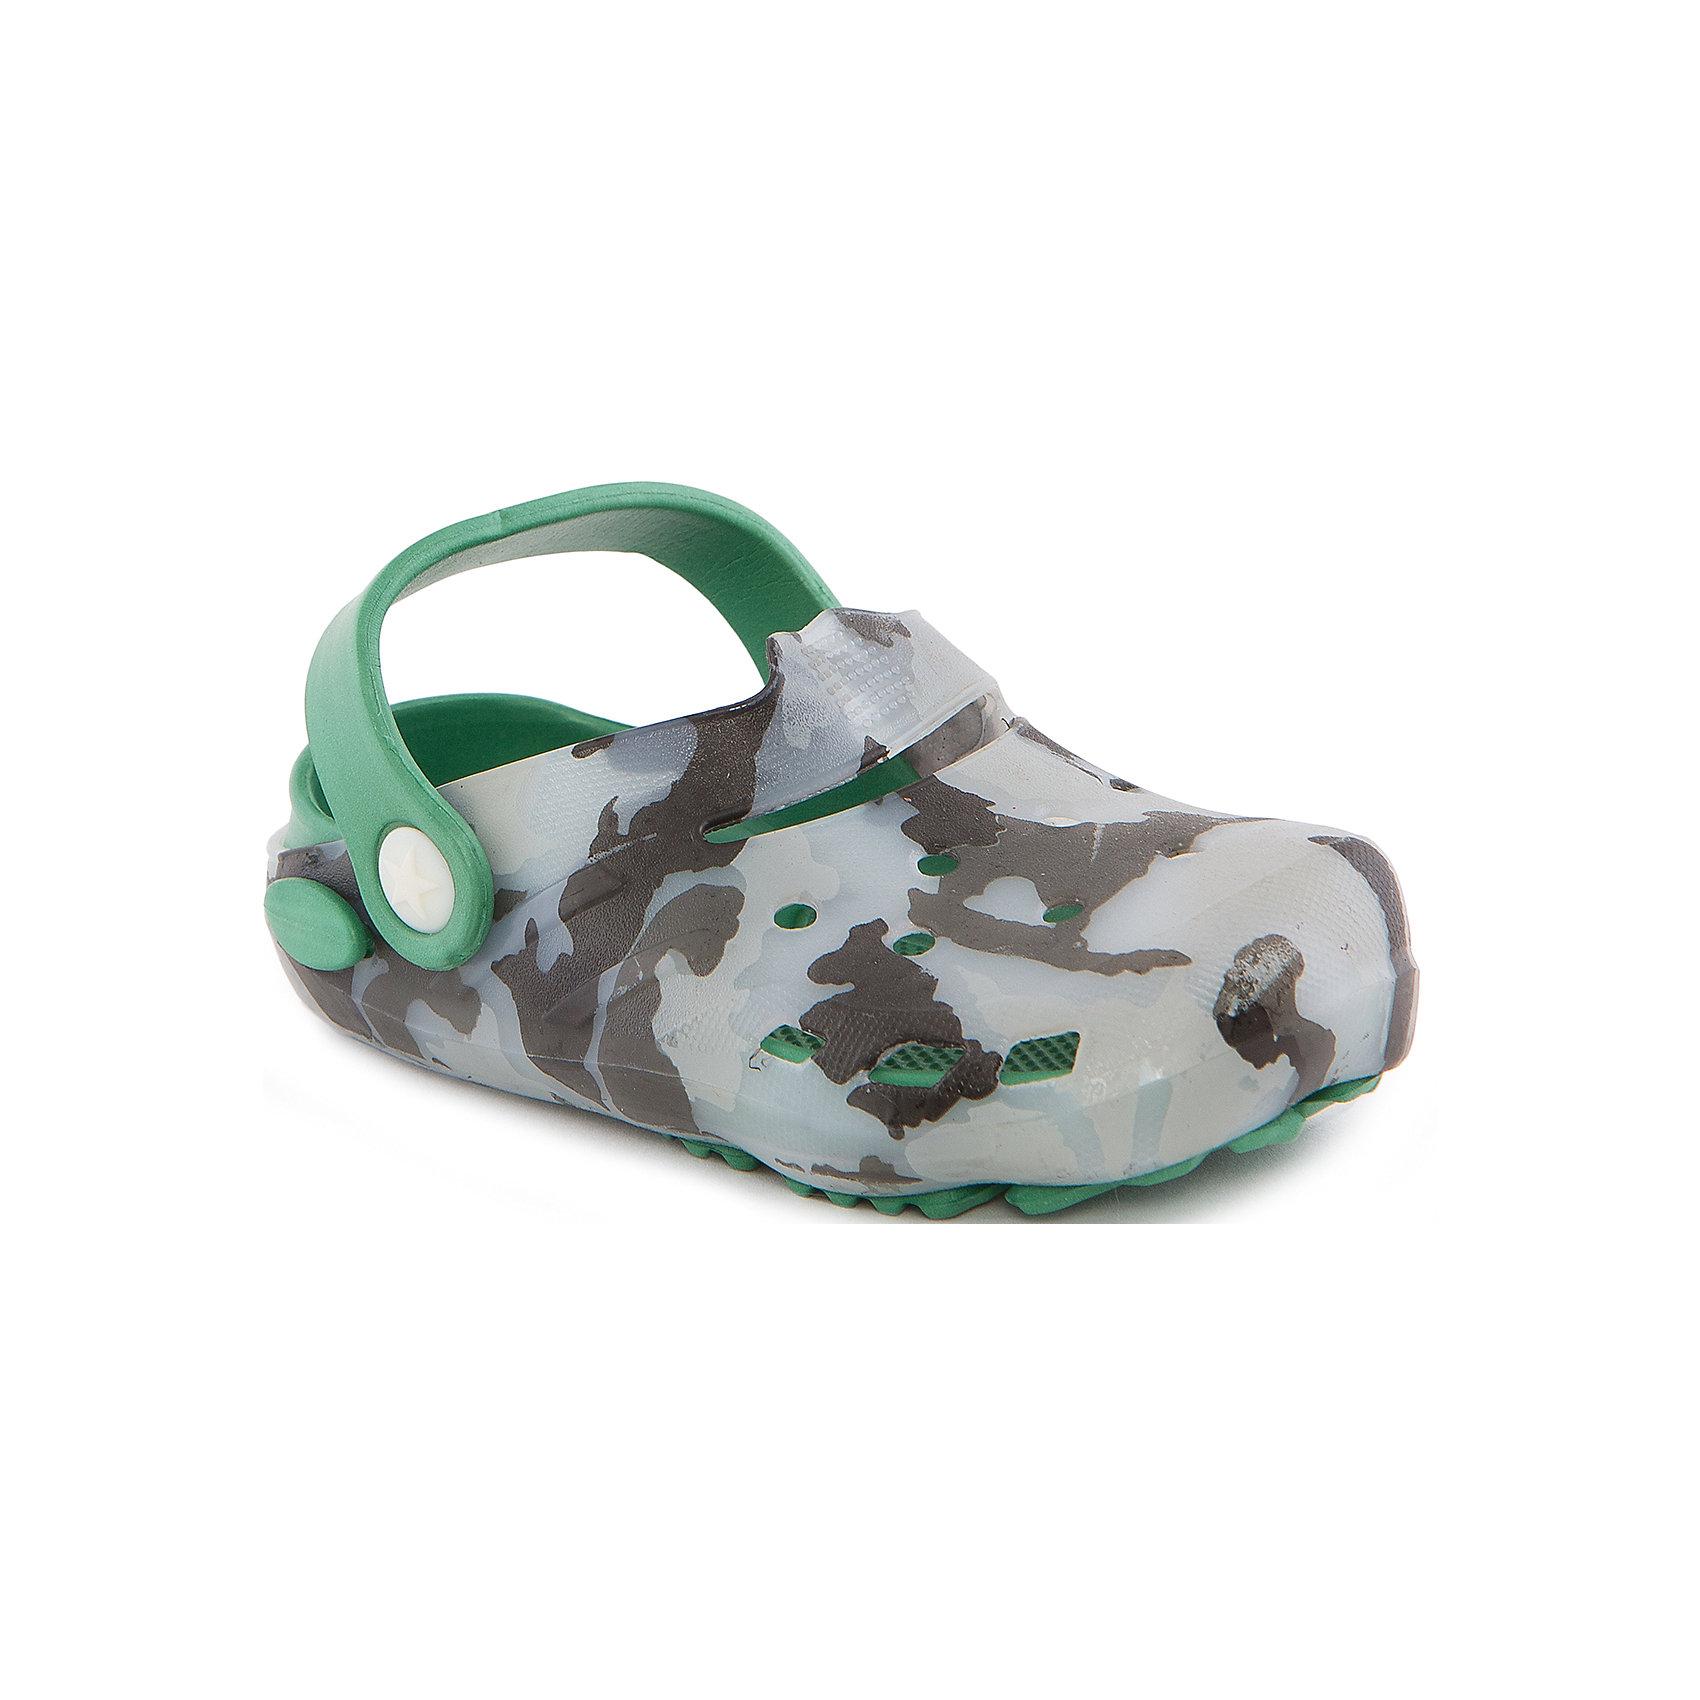 Сабо для девочки MURSU (в ассортименте)Пляжная обувь<br>Характеристики товара:<br><br>• цвет: хаки<br>• материал верха: ПВХ, ЭВА<br>• нескользящая удобная подошва<br>• вентиляционные отверстия<br>• ремешок фиксирует пятку<br>• нескользящая удобная подошва<br>• страна бренда: Финляндия<br>• страна изготовитель: Китай<br><br>Обувь для детей всегда должна быть подобрана особенно тщательно! Хорошая обувь, особенно повседневная, должна обеспечивать правильное положение ноги и быть прочной. Такие сабо от известного финского бренда обеспечат ребенку необходимый уровень комфорта. Обувь легкая, она без труда надевается и снимается, отлично сидит на ноге. <br>Продукция от бренда MURSU - это качественные товары, созданные с применением новейших технологий. При производстве используются только проверенные сертифицированные материалы. Обувь отличается модным дизайном и продуманной конструкцией. Изделие производится из качественных и проверенных материалов, которые безопасны для детей.<br><br>Сабо для девочки от бренда MURSU (Мурсу) можно купить в нашем интернет-магазине.<br><br>Ширина мм: 225<br>Глубина мм: 139<br>Высота мм: 112<br>Вес г: 290<br>Цвет: розовый<br>Возраст от месяцев: 21<br>Возраст до месяцев: 24<br>Пол: Женский<br>Возраст: Детский<br>Размер: 24,27,29,28,25,26<br>SKU: 4513147